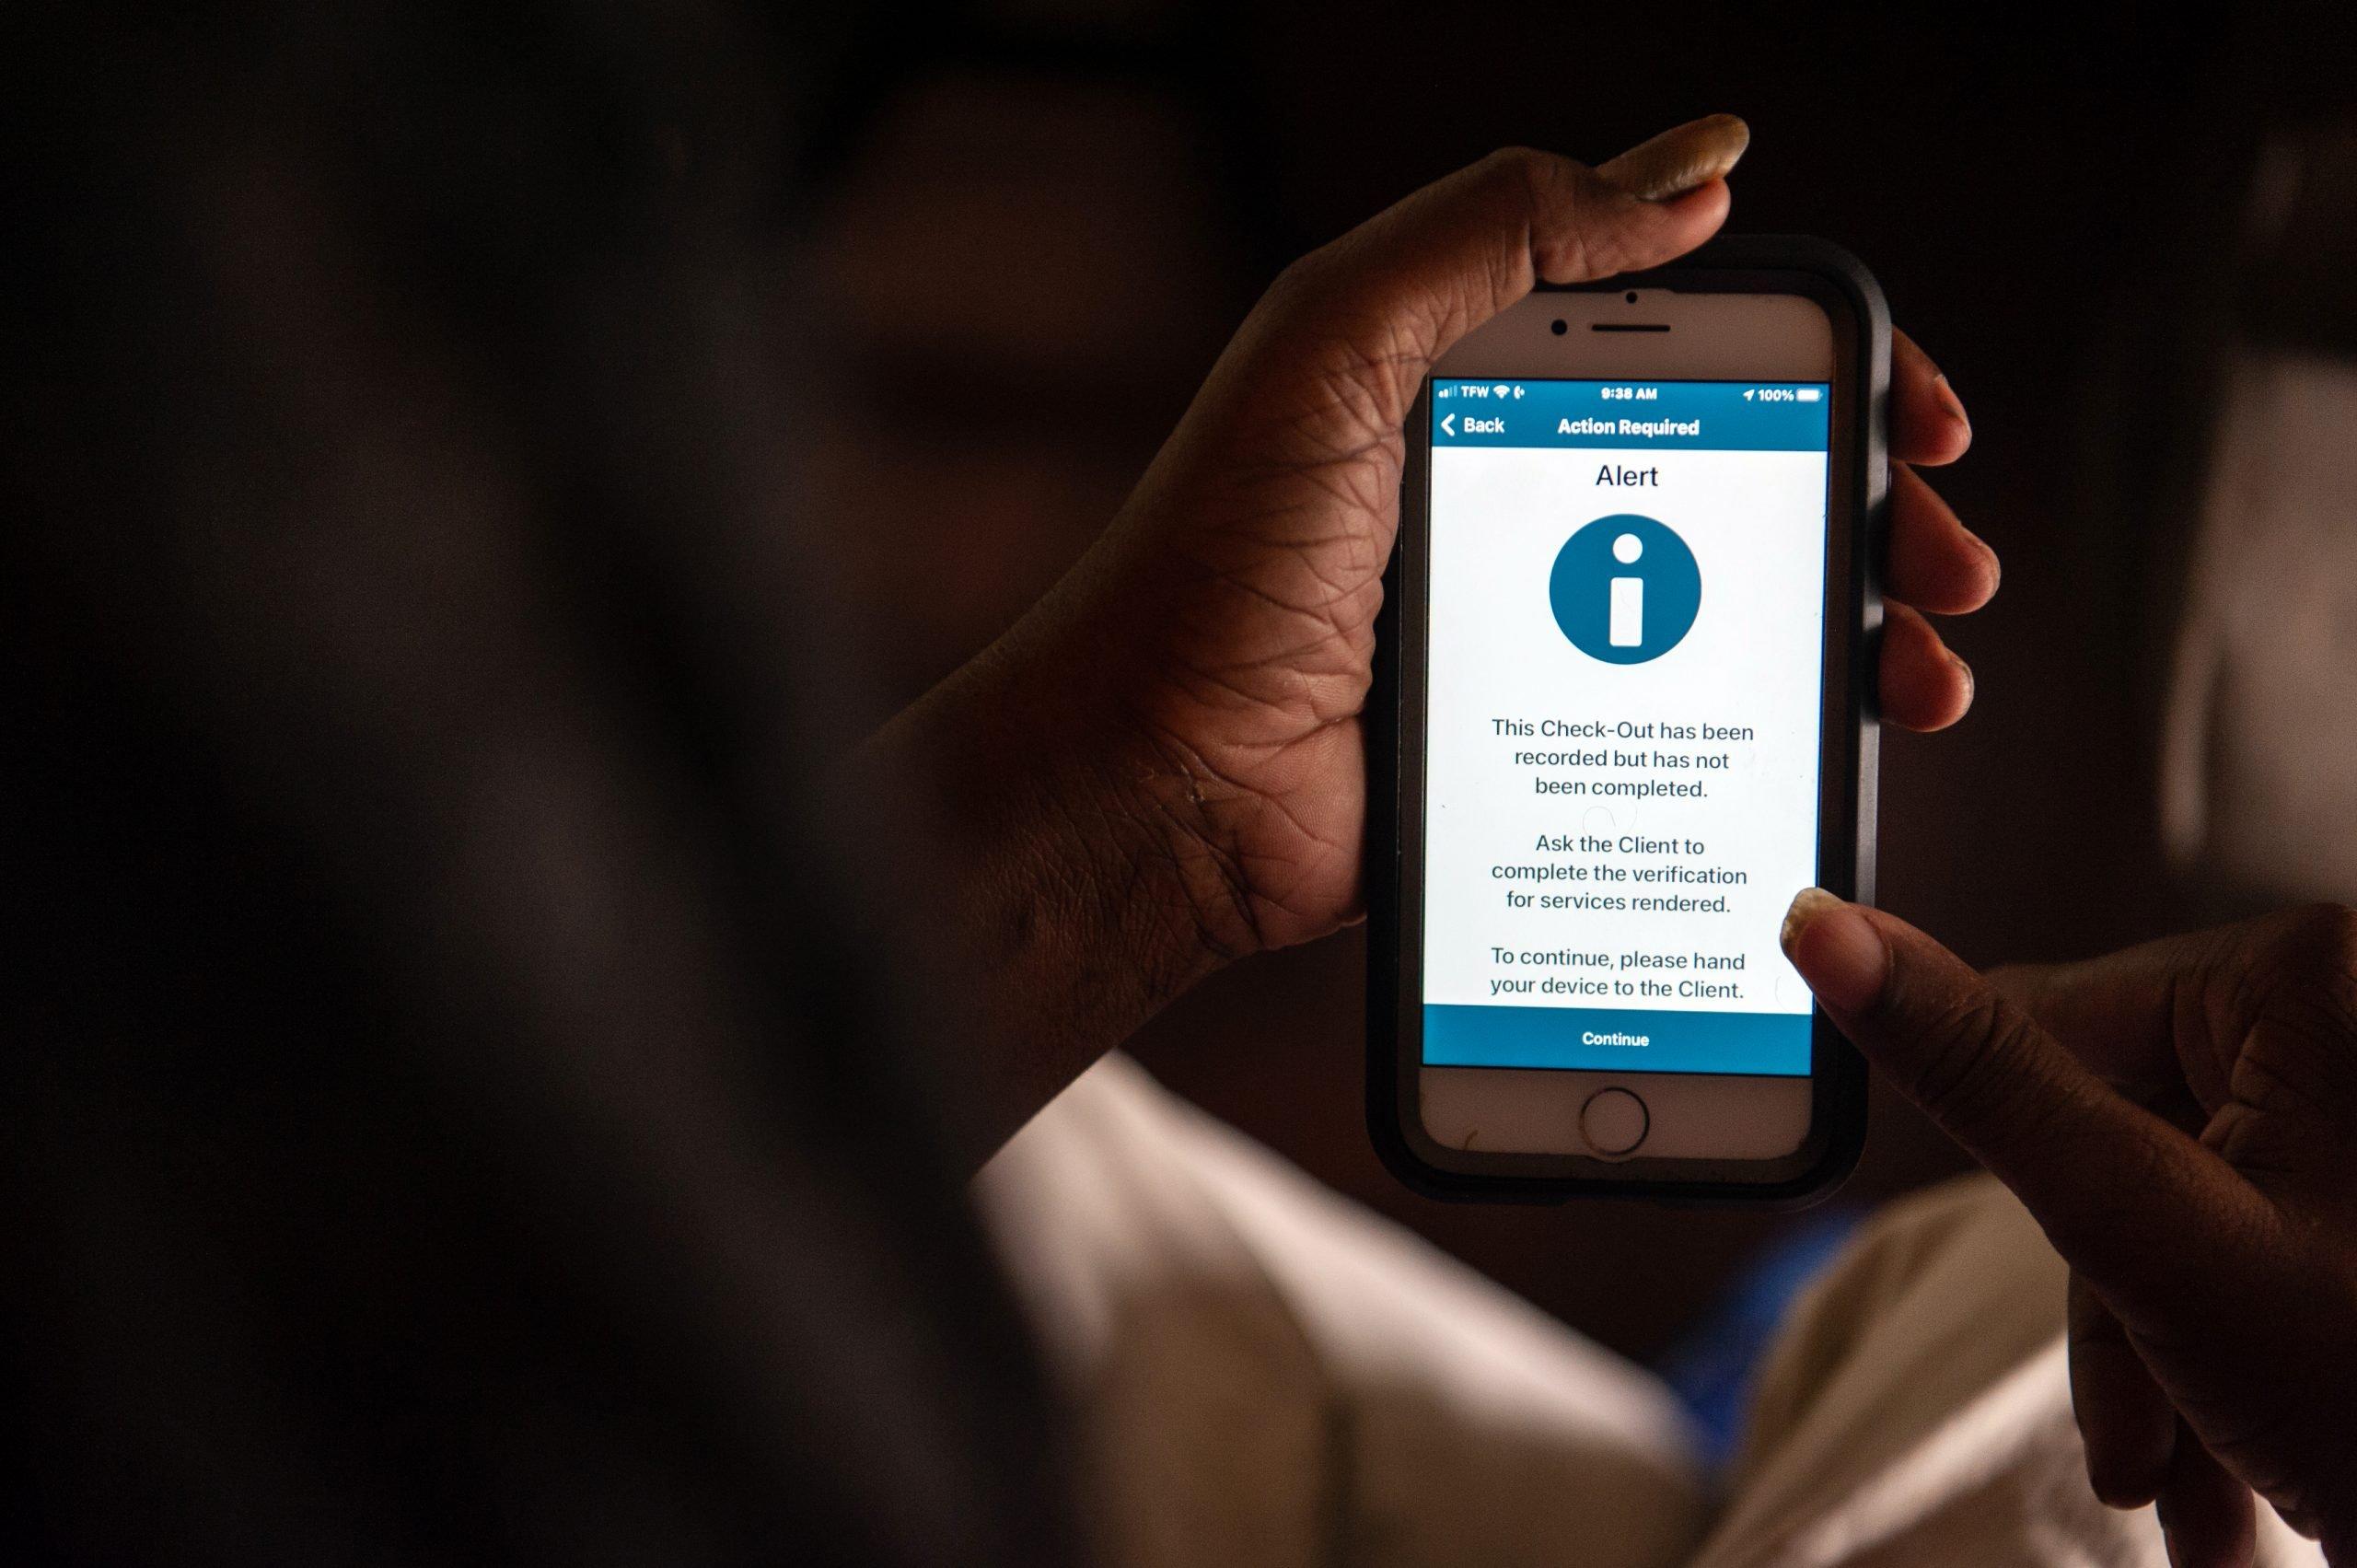 'We don't deserve this': new app places US caregivers under digital surveillance